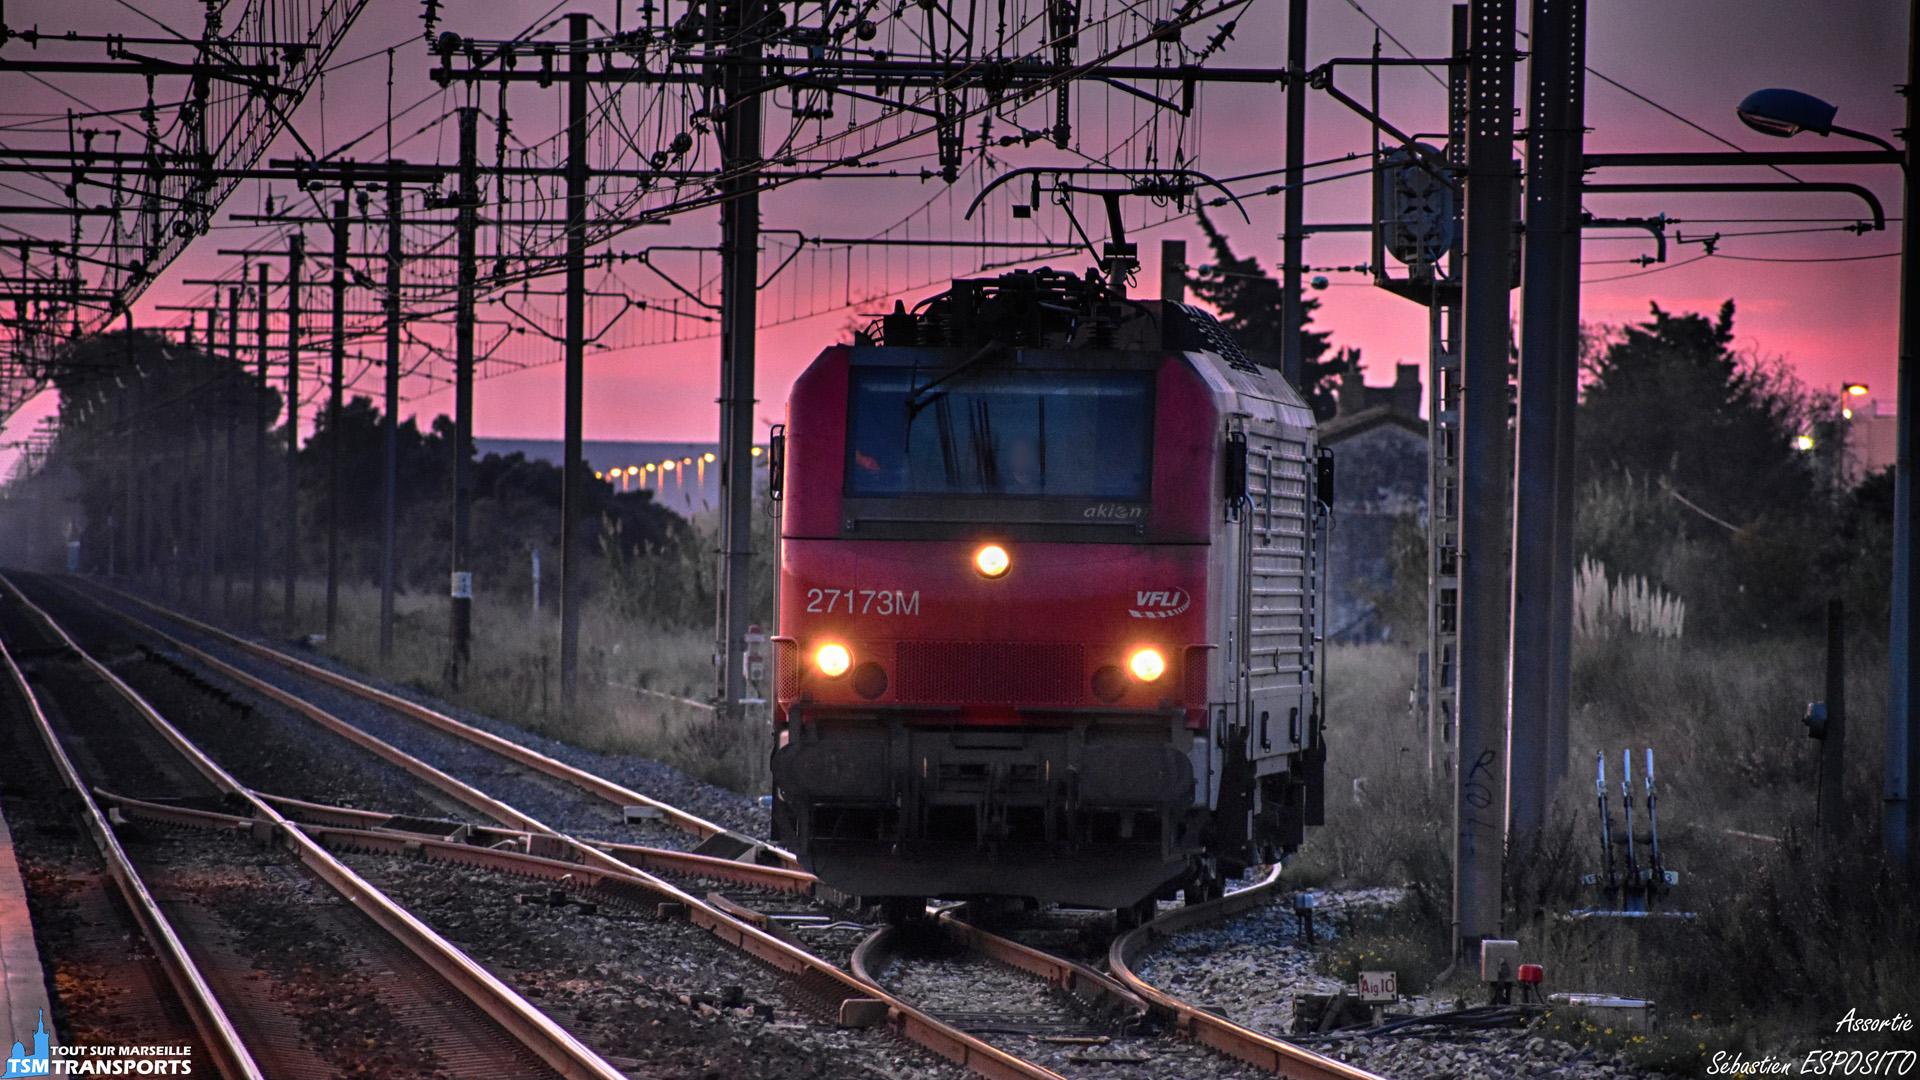 Alors que la ligne droite de la PLM est déserte en cette fin de mercredi, cette BB27173 en provenance d'Arles arrive par la voie d'évitement en Gare de Saint Martin de Crau où elle passera au pas avant de reprendre de la vitesse quelques mètres plus loin. . ℹ️ Alstom BB27000 (BB27173) loué par VFLI a akiem. . 📍 Gare de Saint Martin de Crau, 13310 Saint-Martin-de-Crau. . ↔️ 🤔. . 📸 Nikon D5600. . 📷 Nikkor 70-300mm. . 📅 5 Décembre 2018 à 17:22. . 👨 Sébastien ESPOSITO